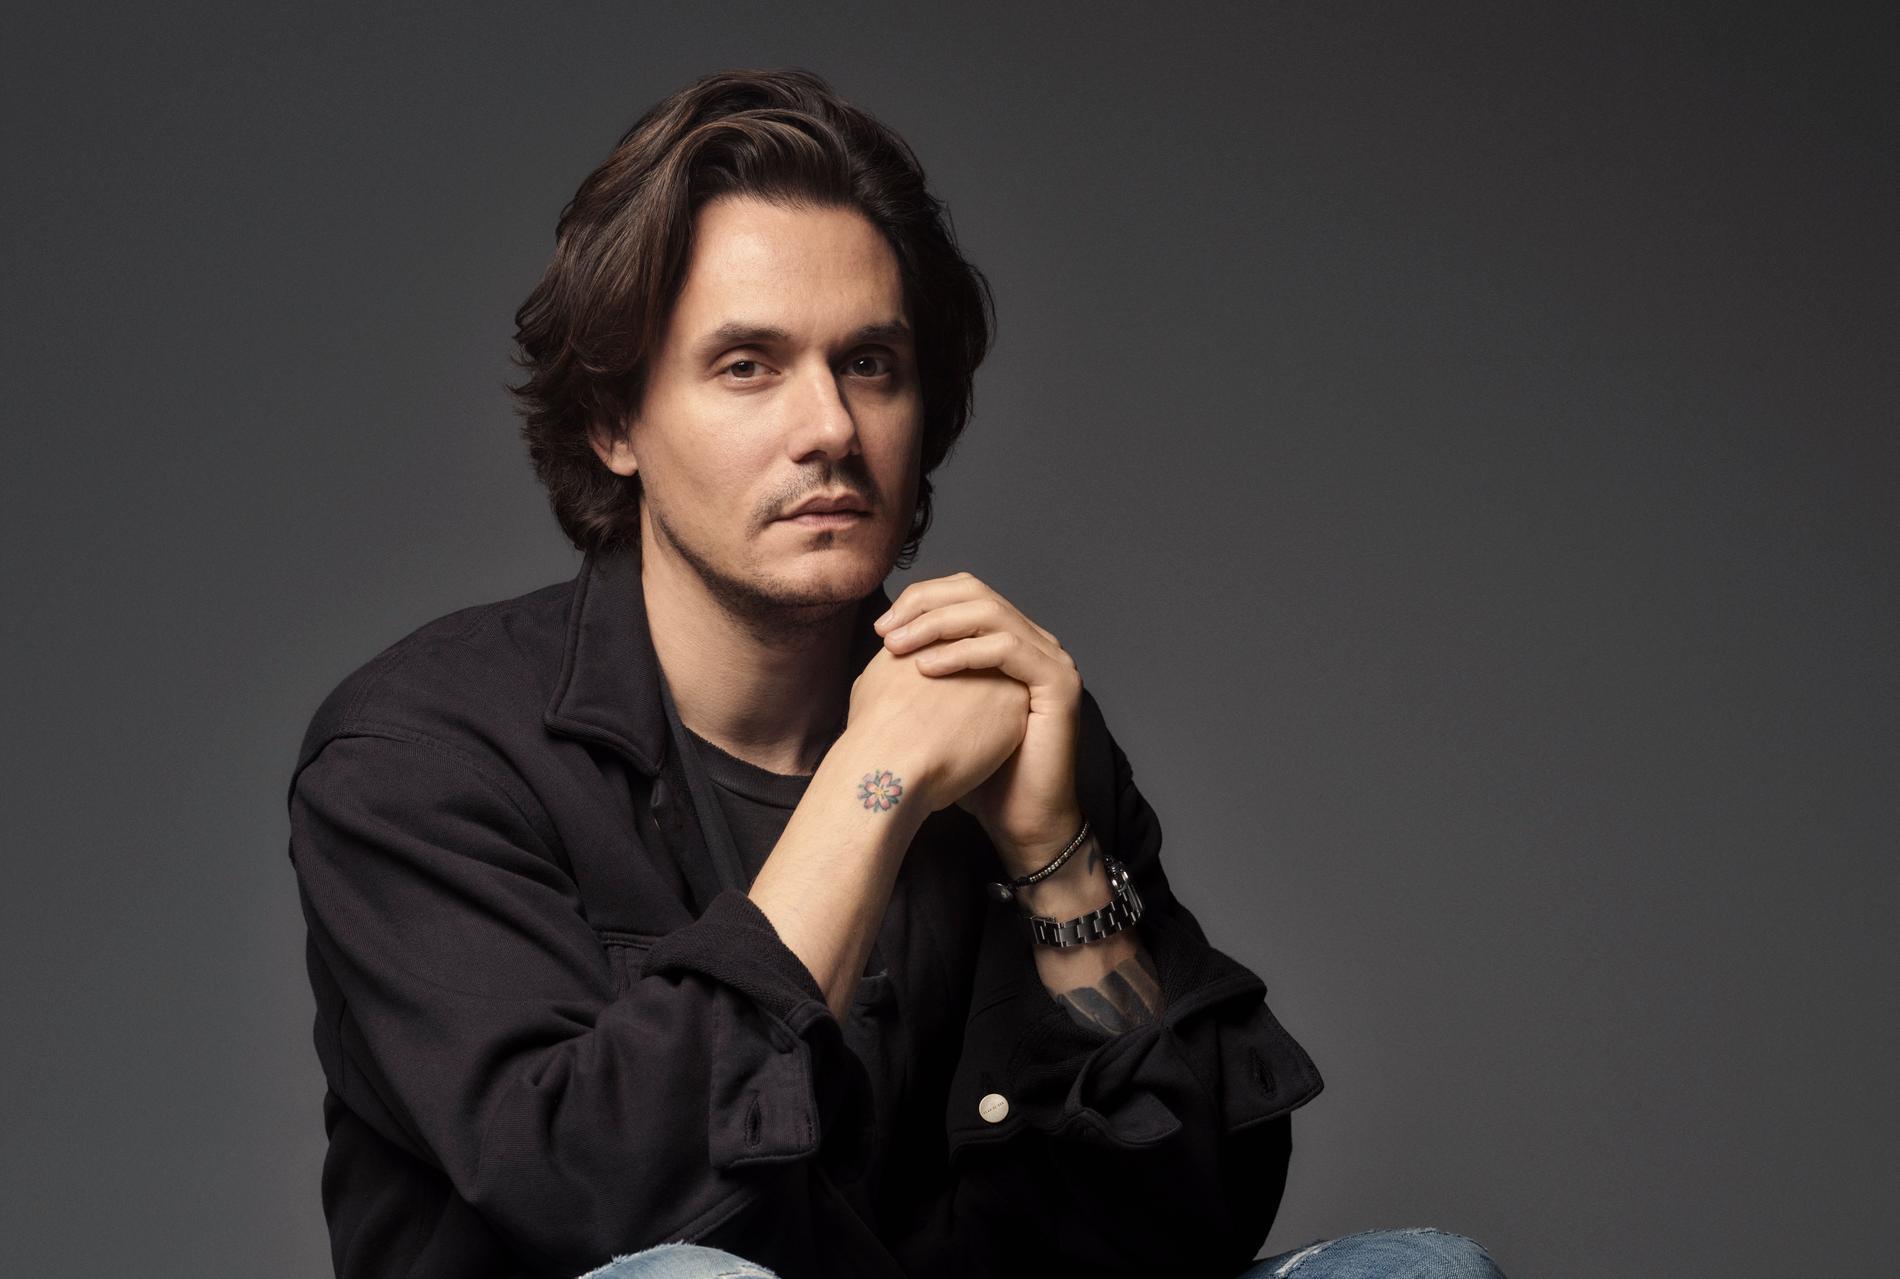 På sitt åttonde album söker John Mayer trygghet genom den musik han växte upp med.